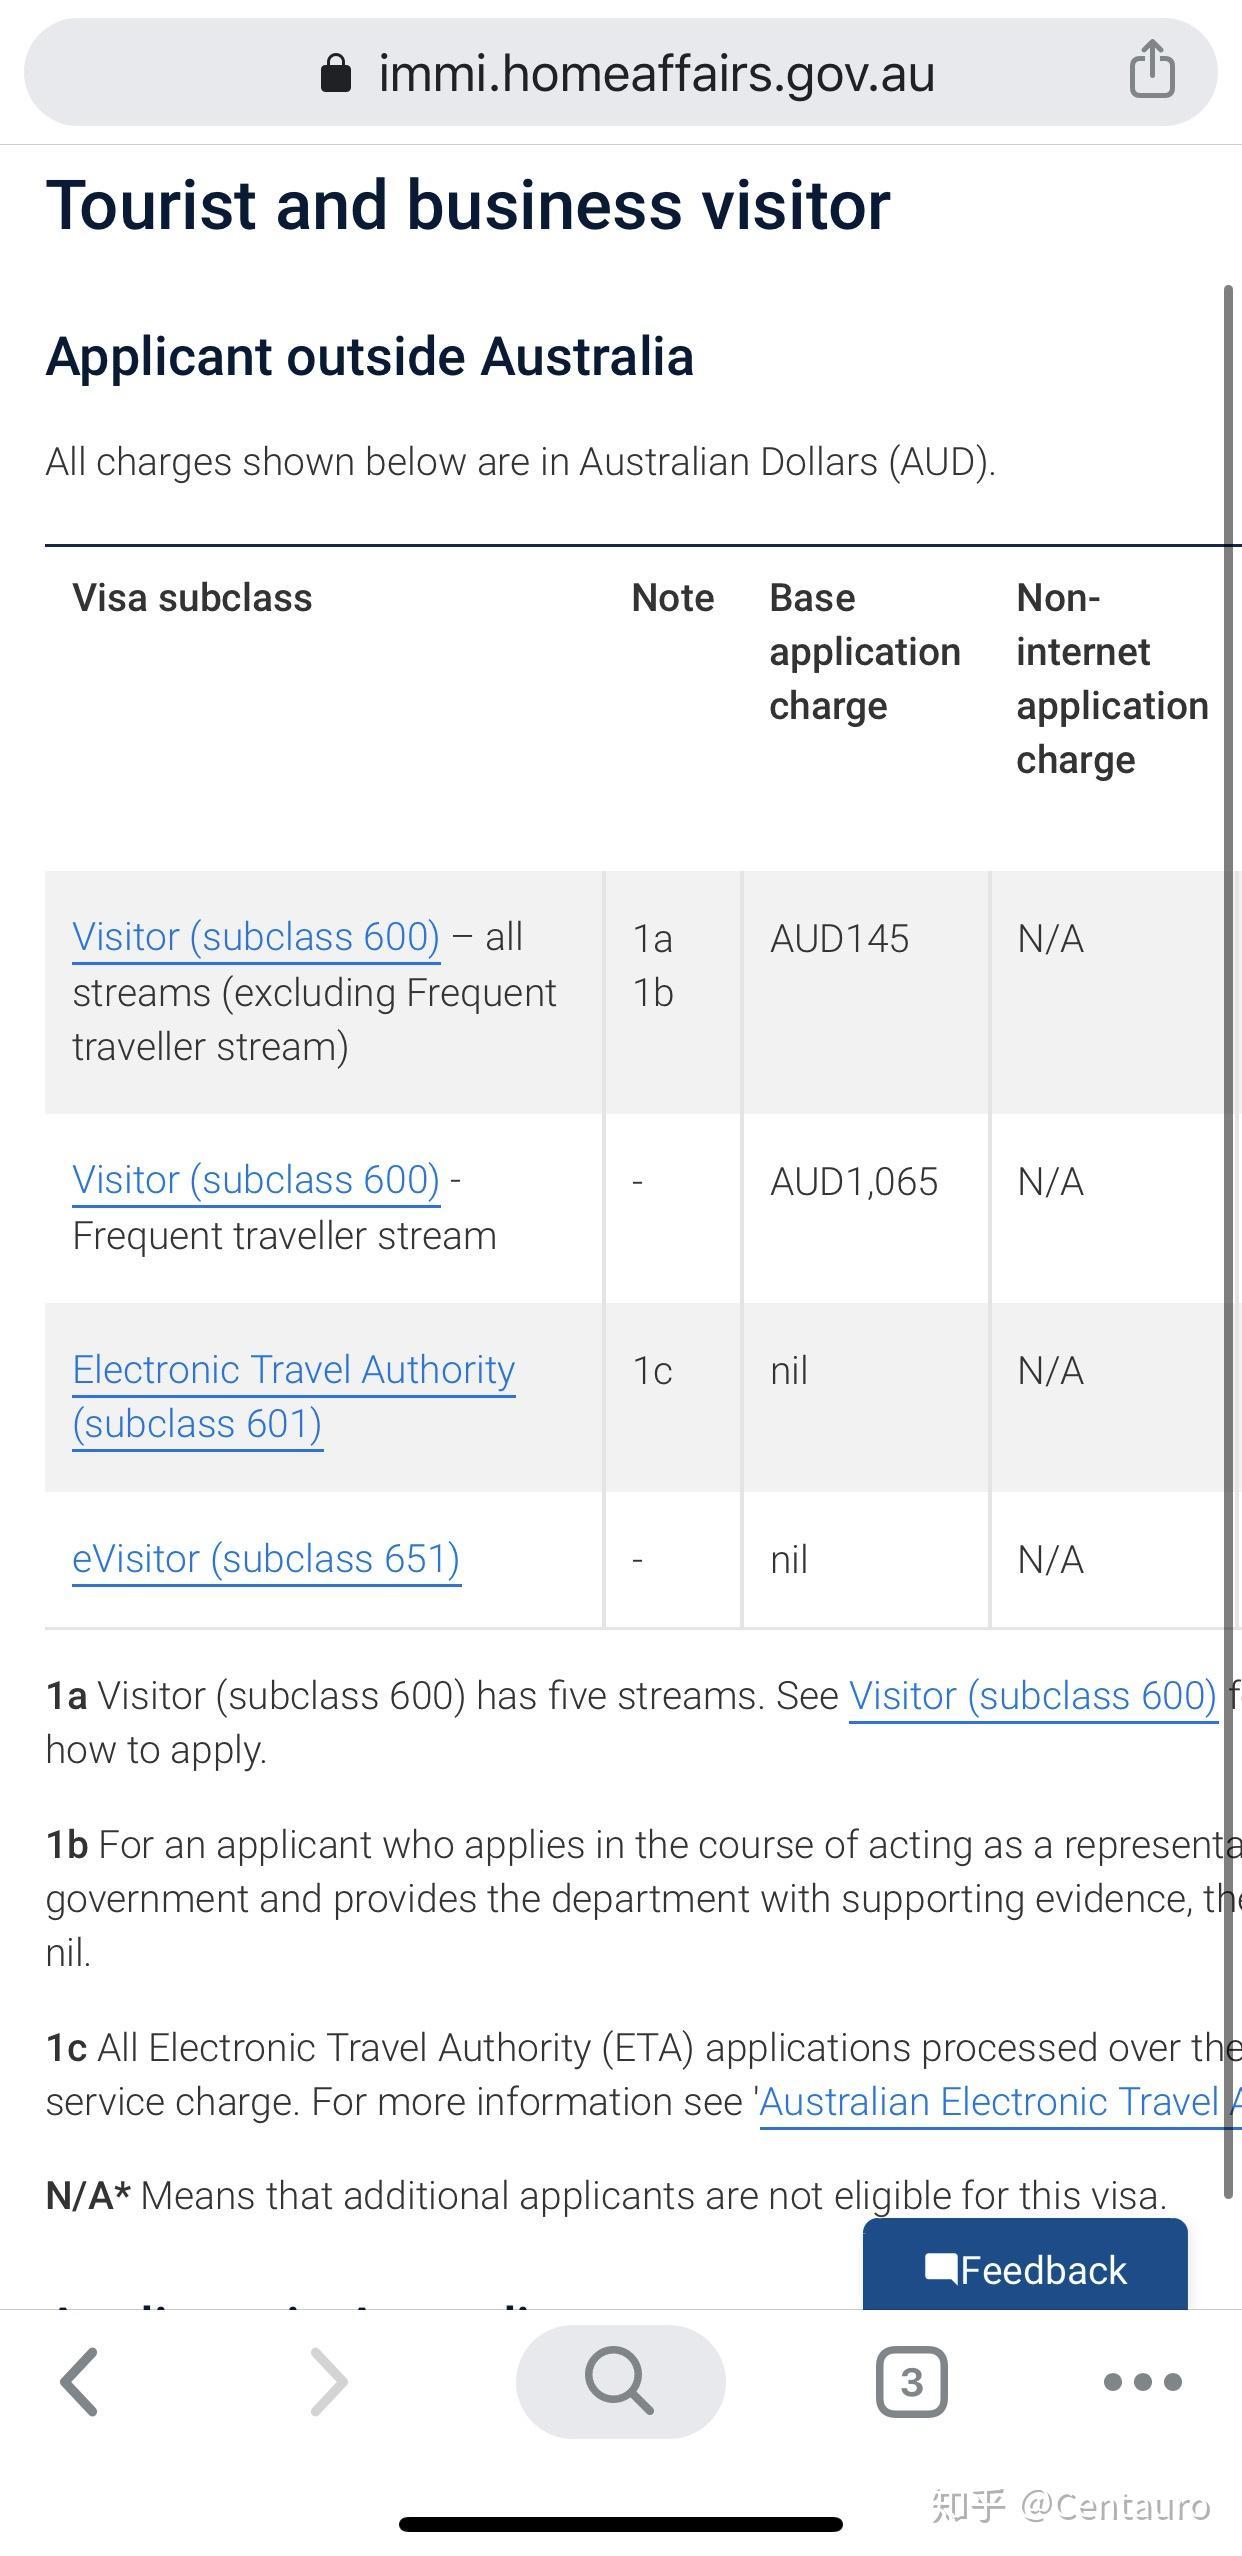 澳大利亚旅游费用_申请澳大利亚签证费用是多少呢? - 知乎